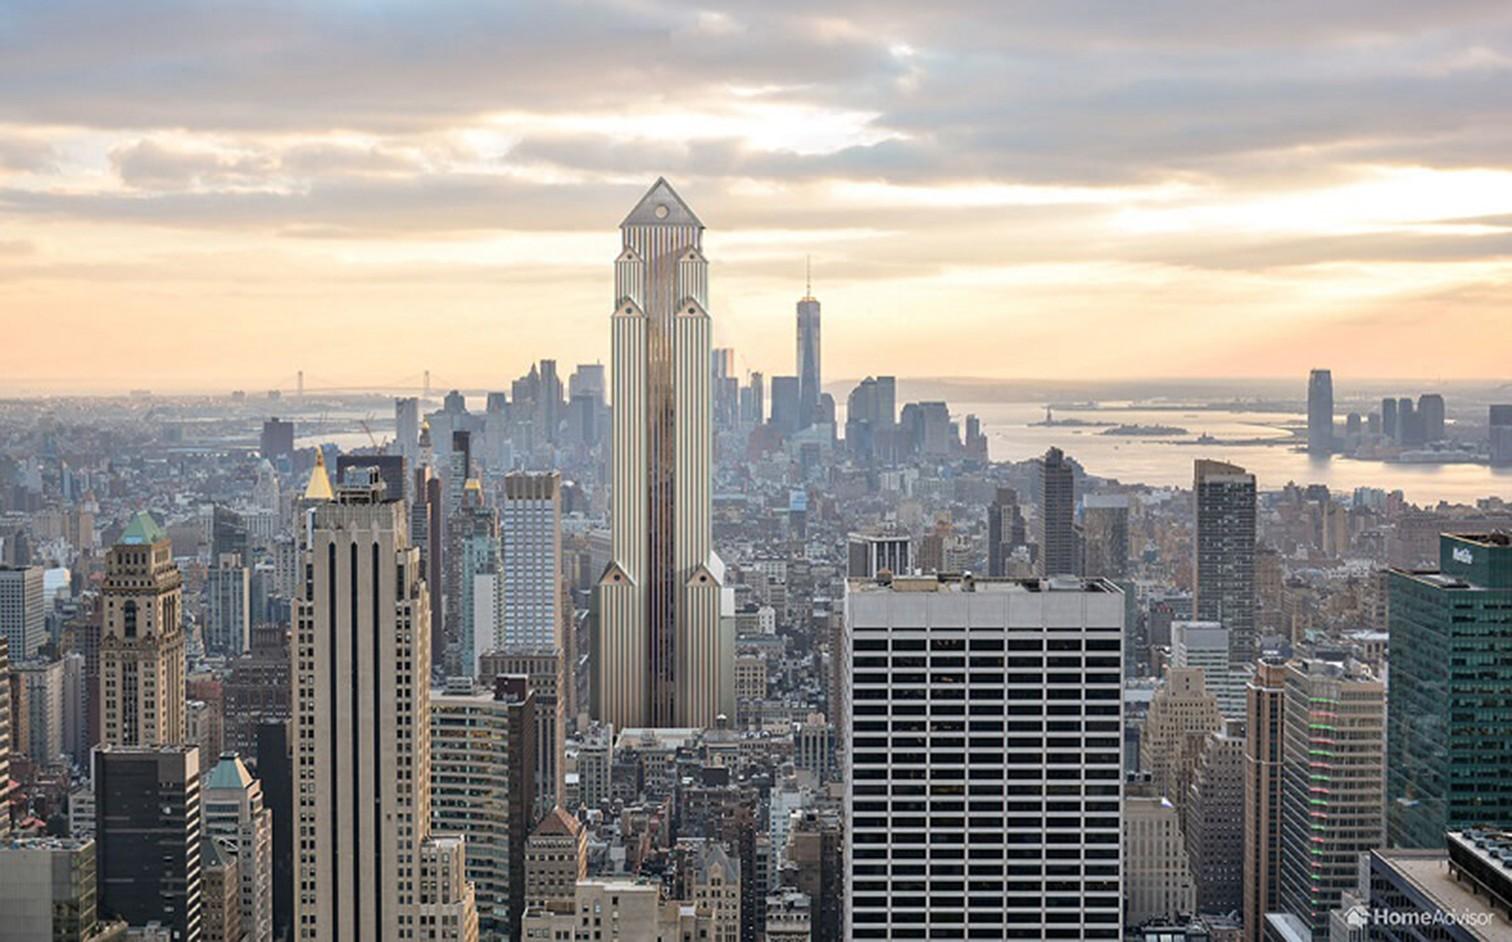 Der Wolkenkratzer in postmoderner Architektur: In den späten 1960er-Jahren begannen viele Architekten, moderneAnsichten zu hinterfragen. Viele wollten sich von der Formalität und dem Mangel an Vielfalt moderner Architektur abwenden. Das Resultat ist ein